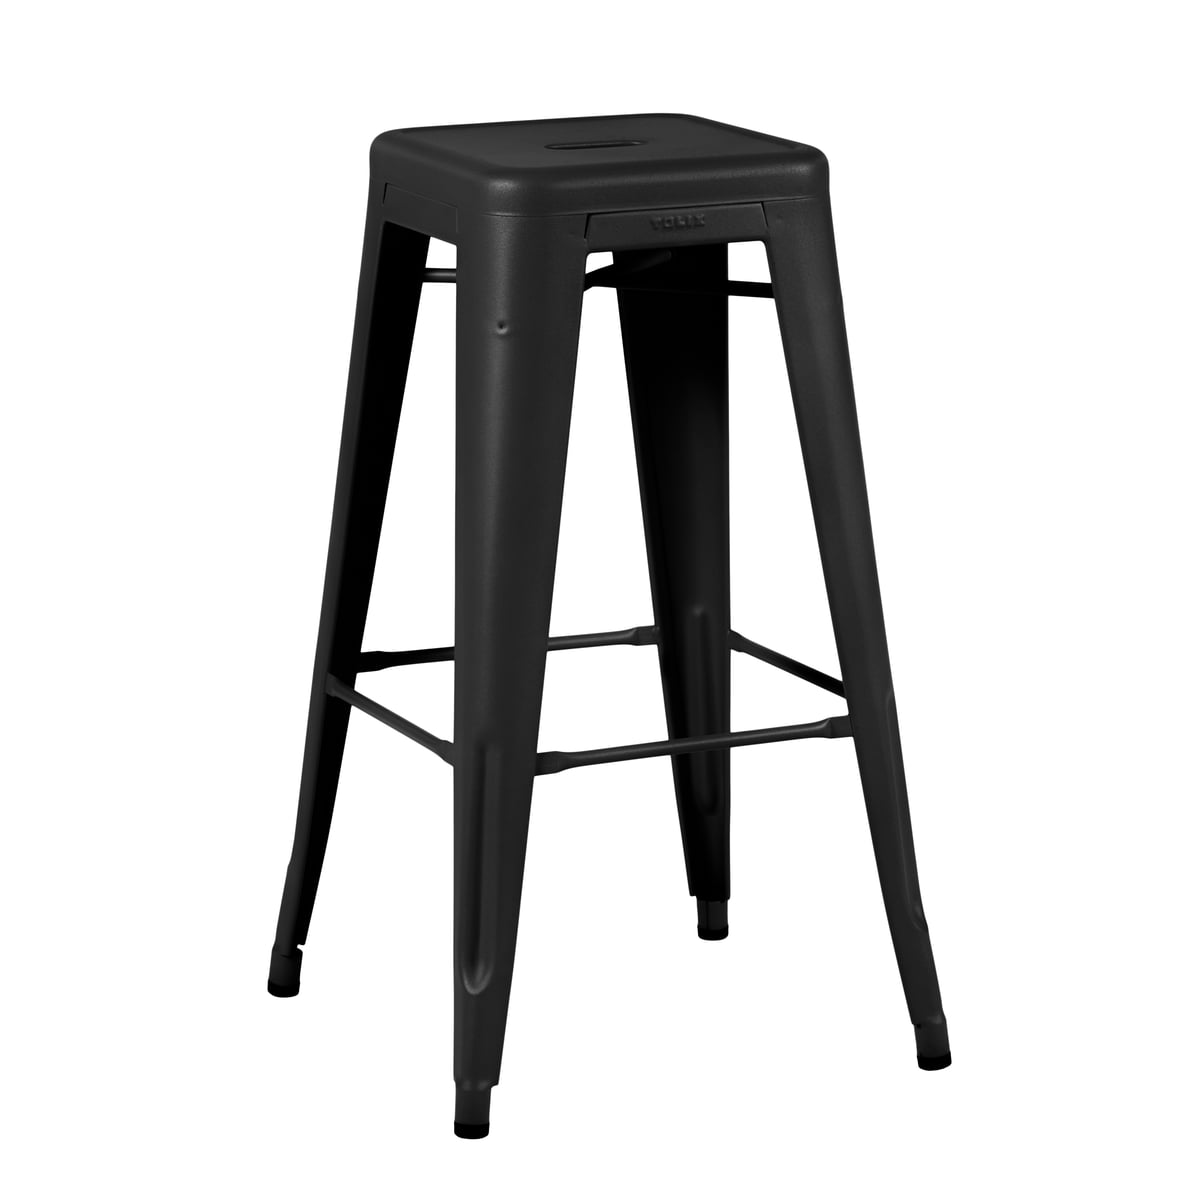 Tolix - H75 Hocker Indoor, schwarz matt | Wohnzimmer > Hocker & Poufs > Sitzhocker | Tiefschwarz (ral 9005) | Stahl | Tolix